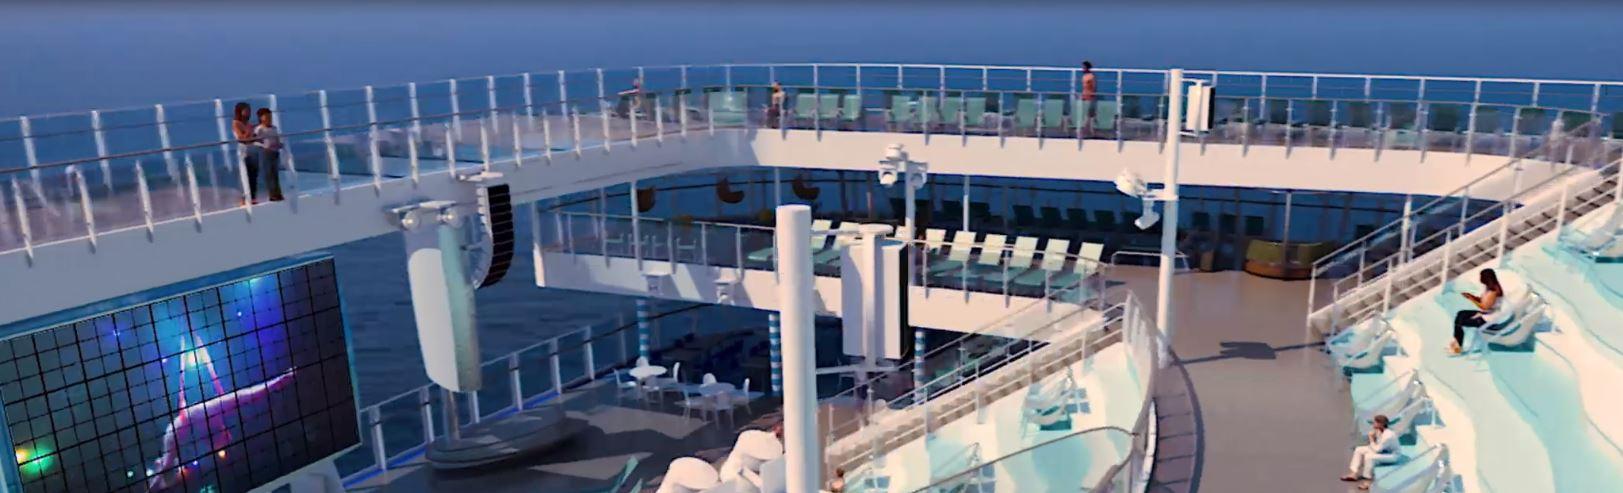 Barco Costa Esmeralda de la naviera Costa Cruceros en B2BViajes